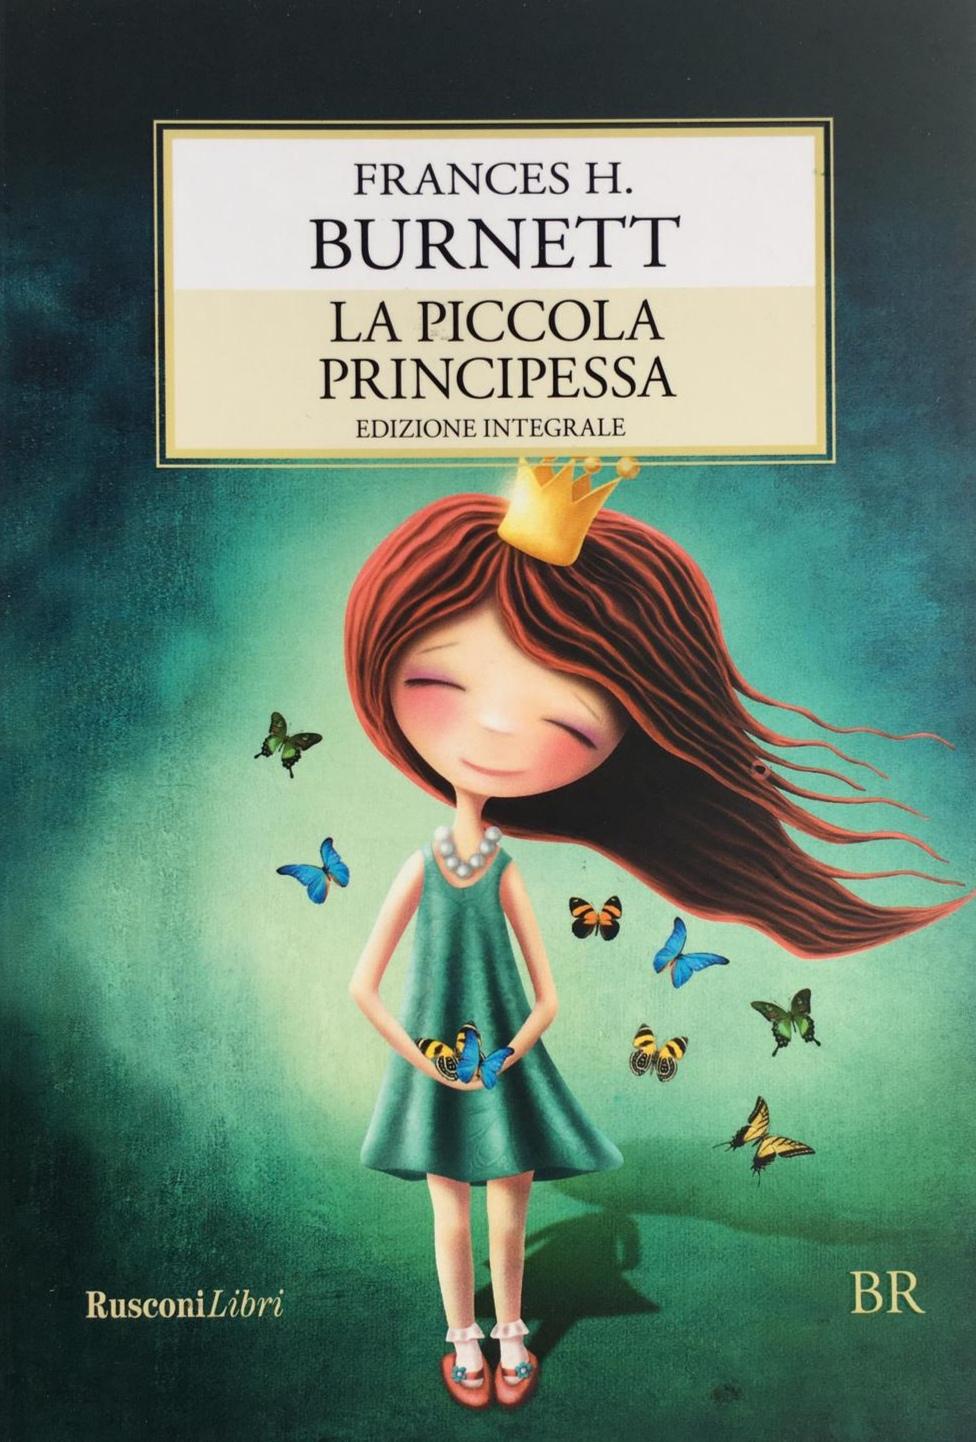 La piccola principessa - Spacebook.it - lo store dei libri online